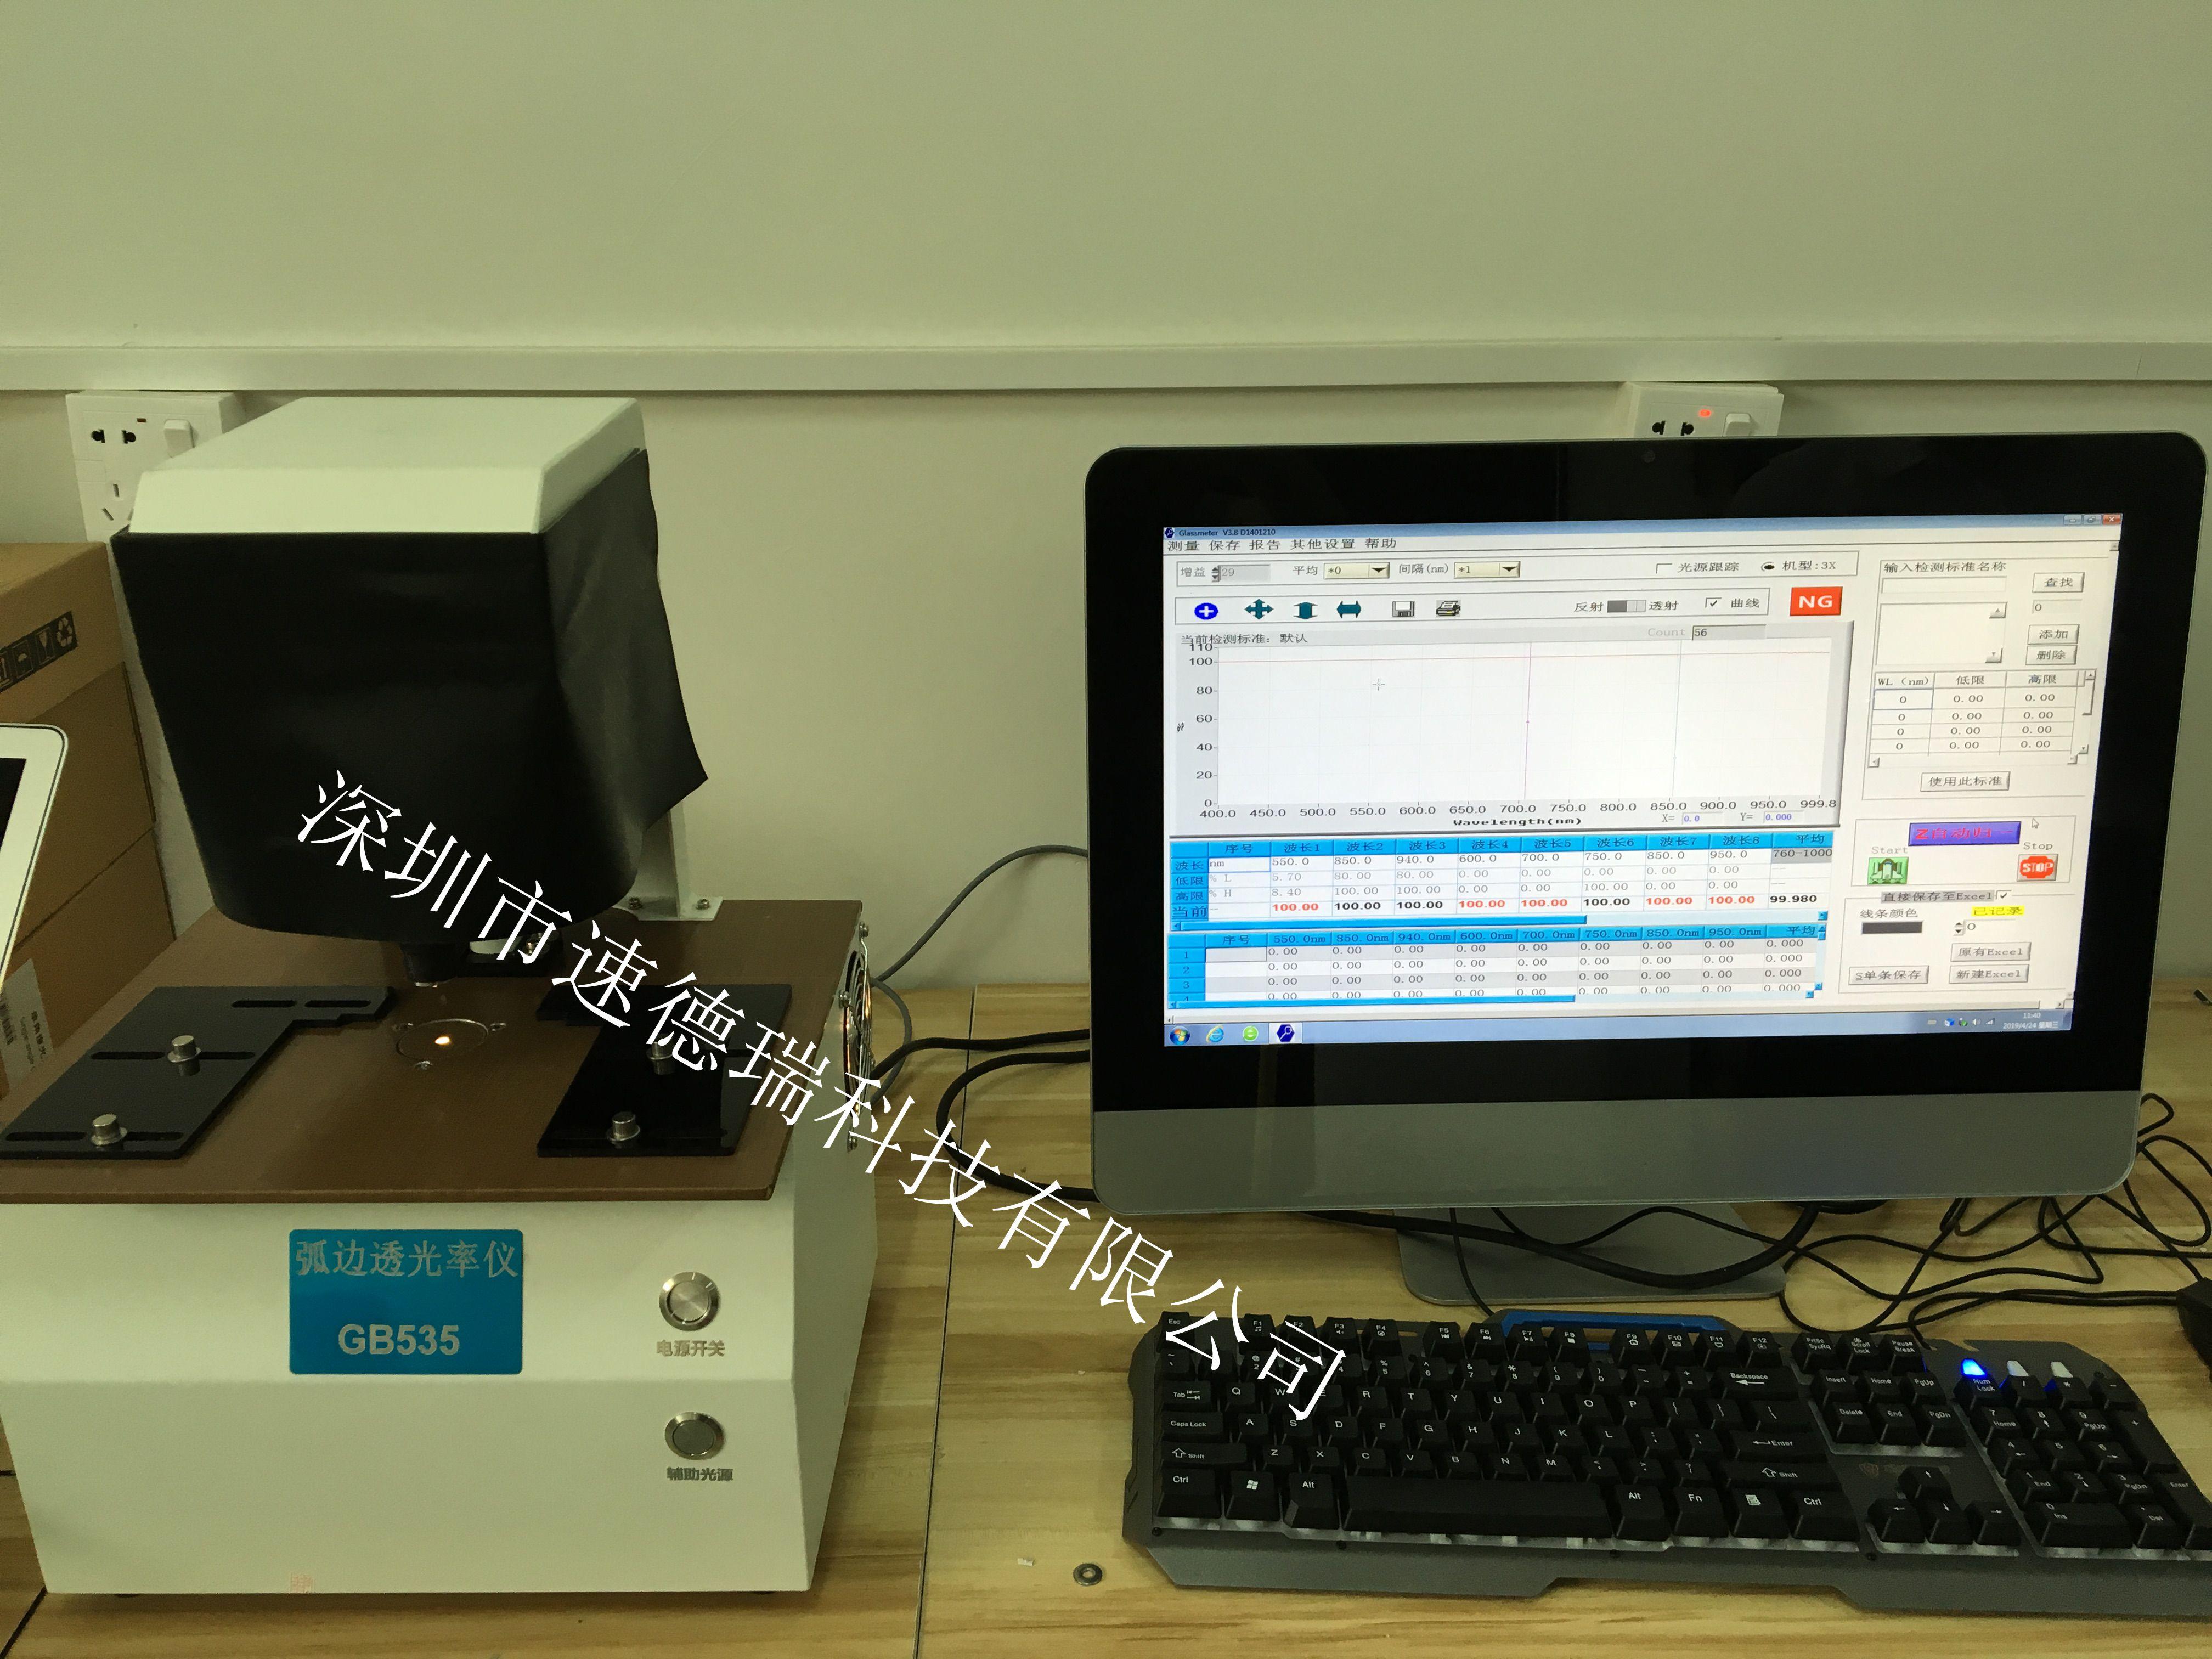 热烈庆贺我司新品上市-GB535弧边微孔透光率仪